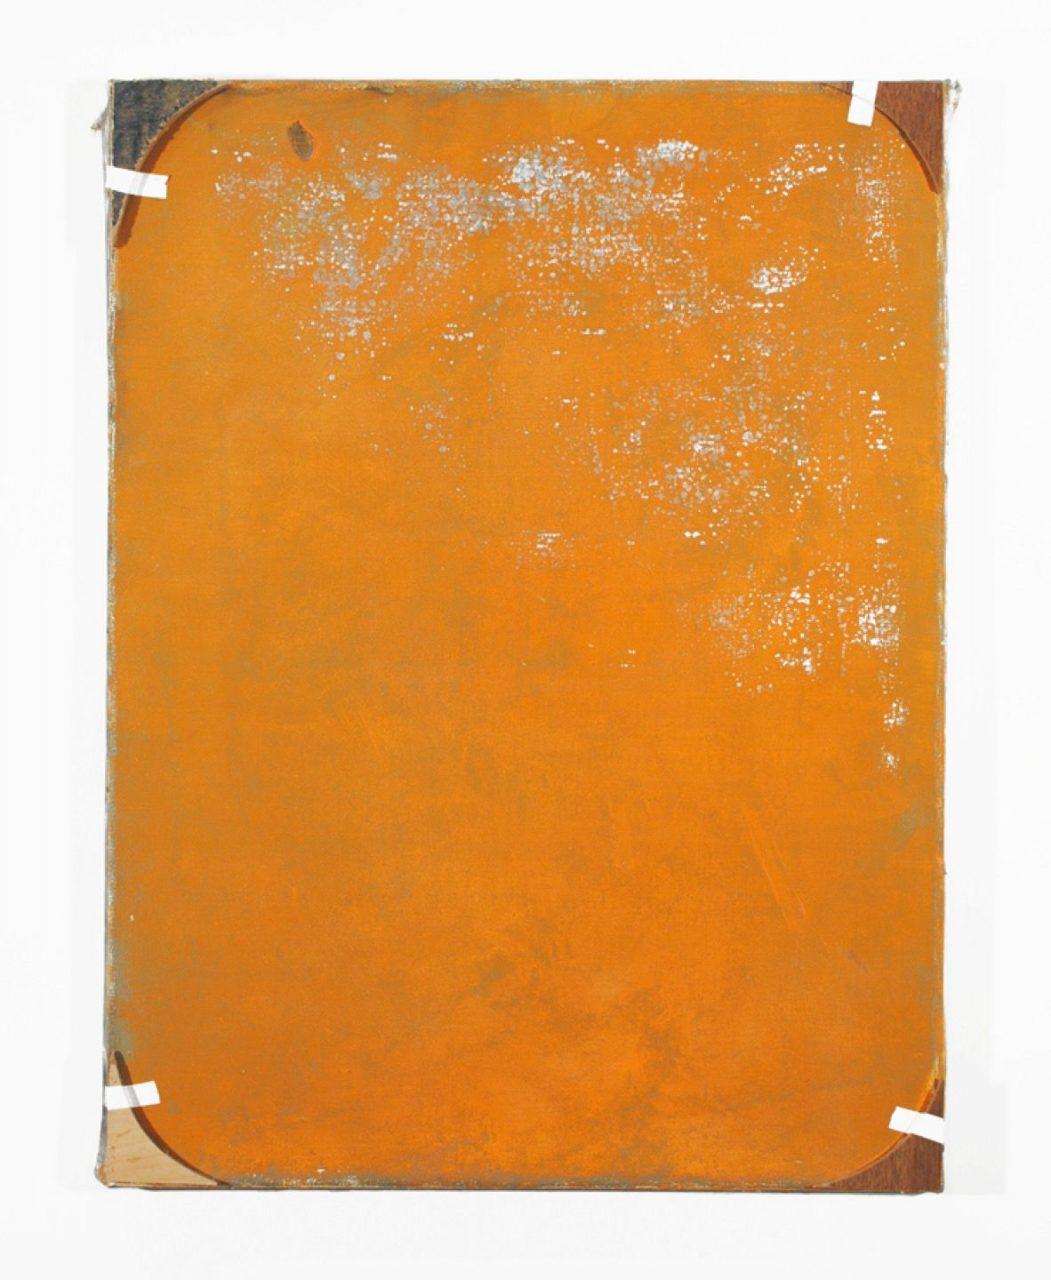 Woodshedding | Untitled (In Essence), 2010